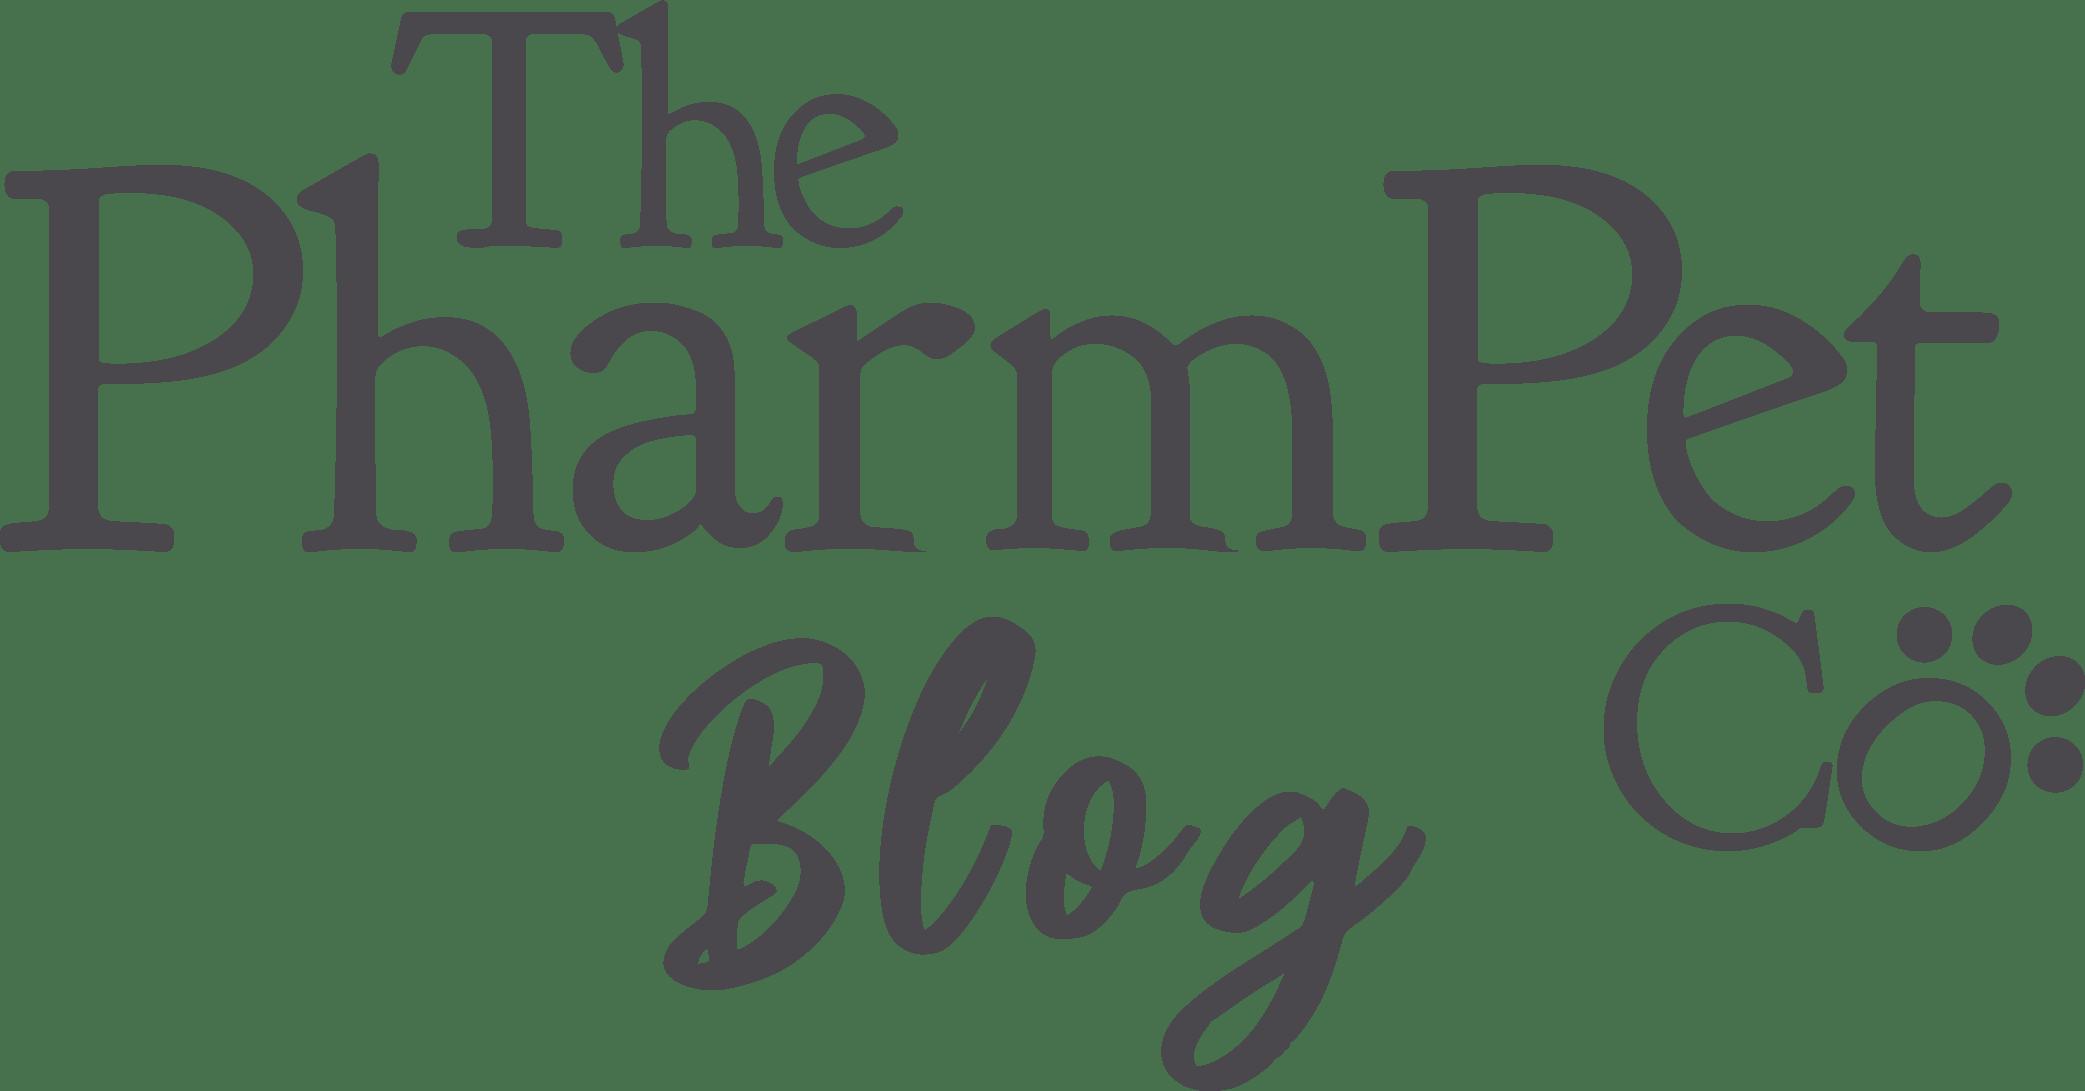 The PharmPet Co Blog logo